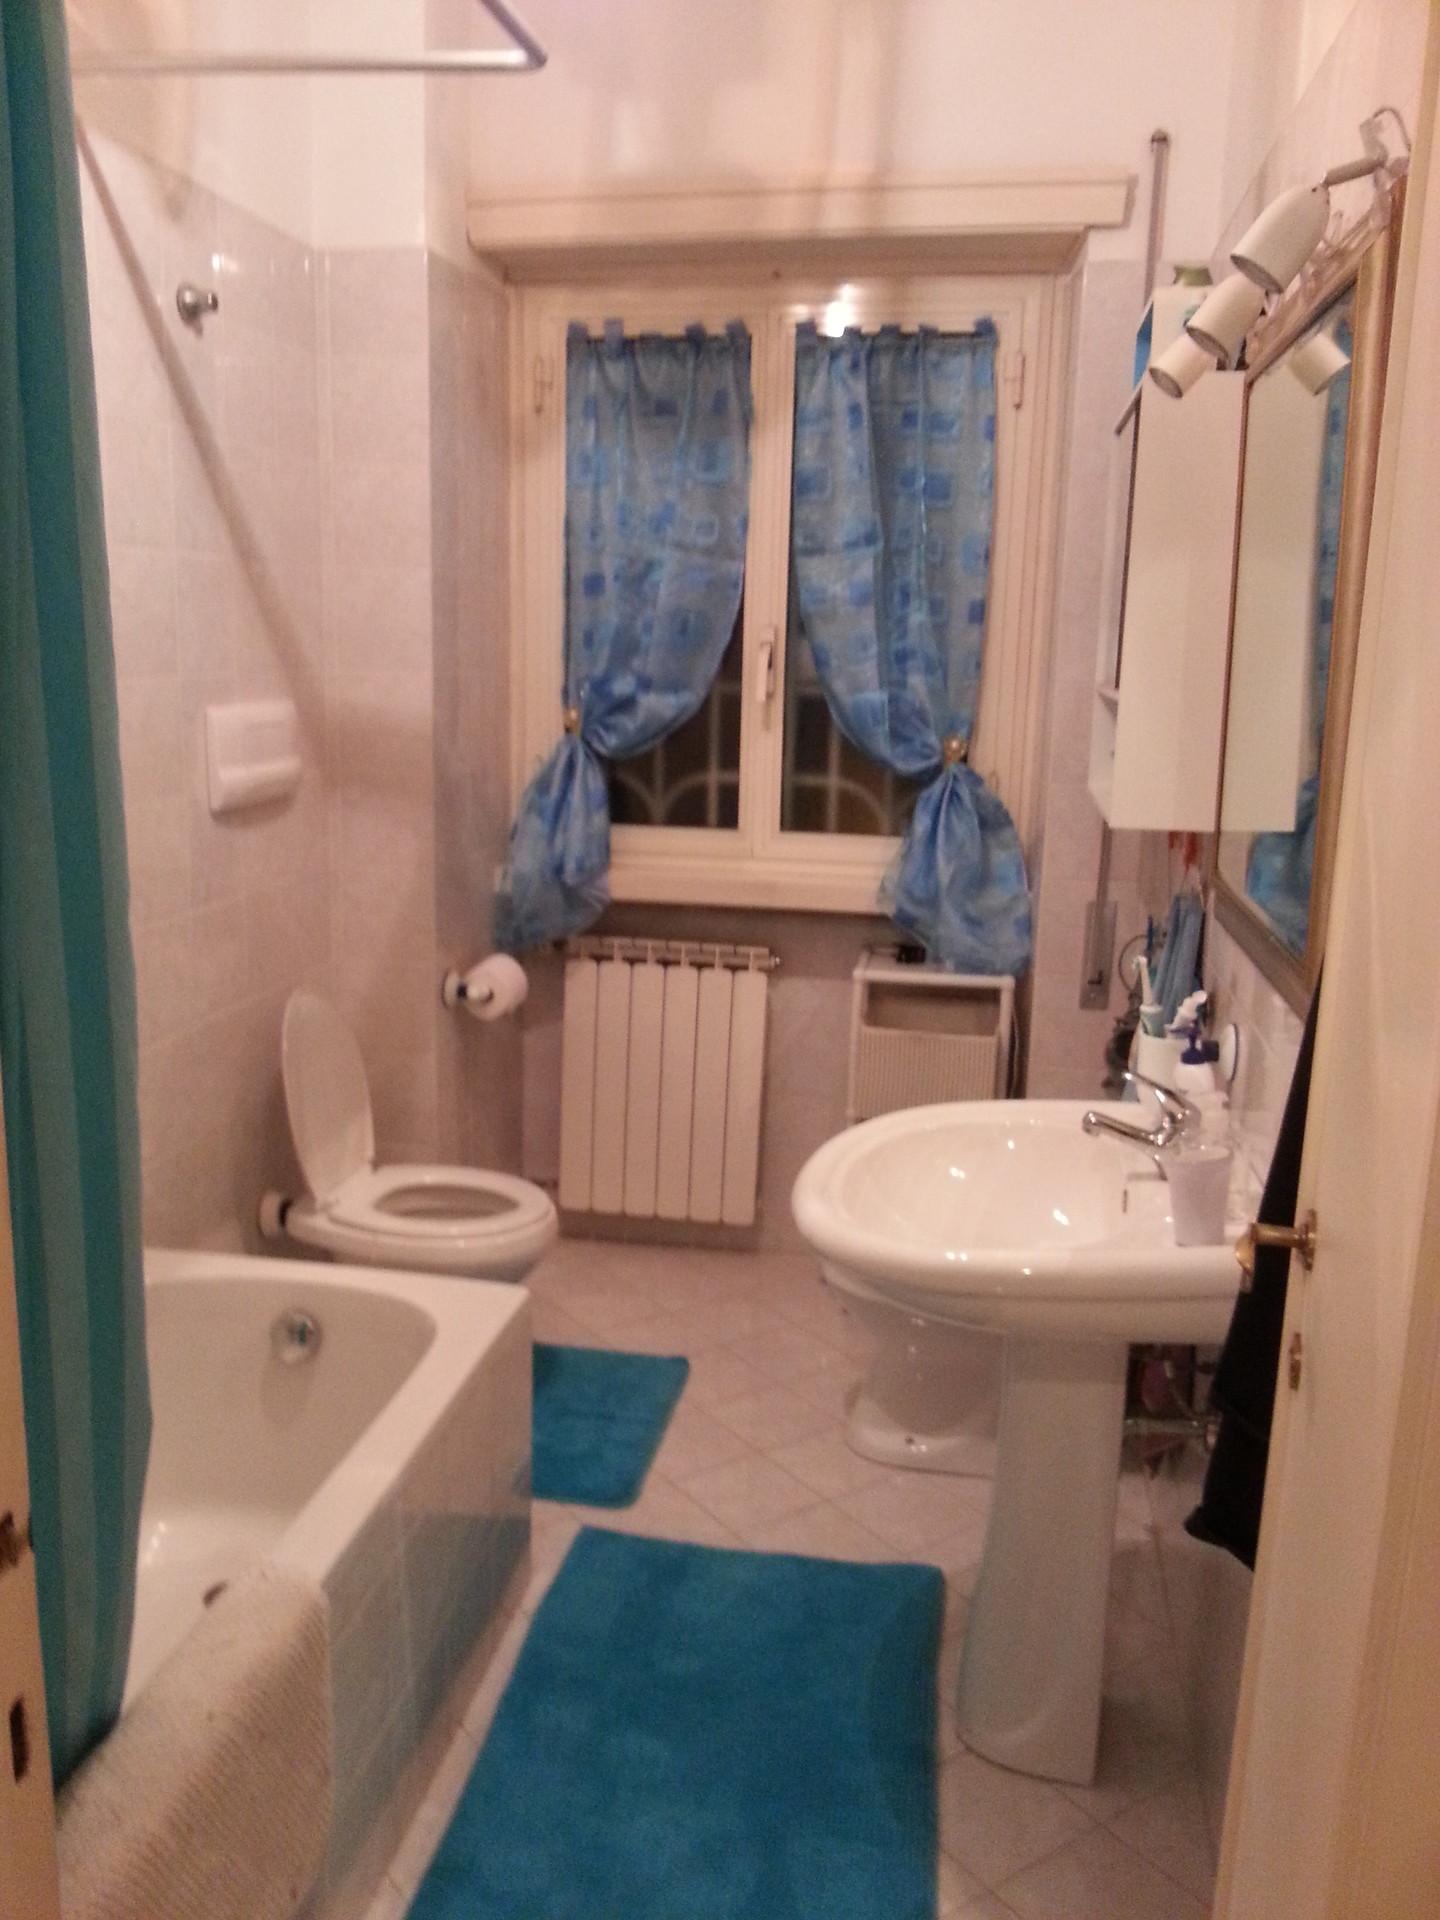 Camera matrimoniale piazzale jonio stanza in affitto roma for Camera matrimoniale e piani bagno